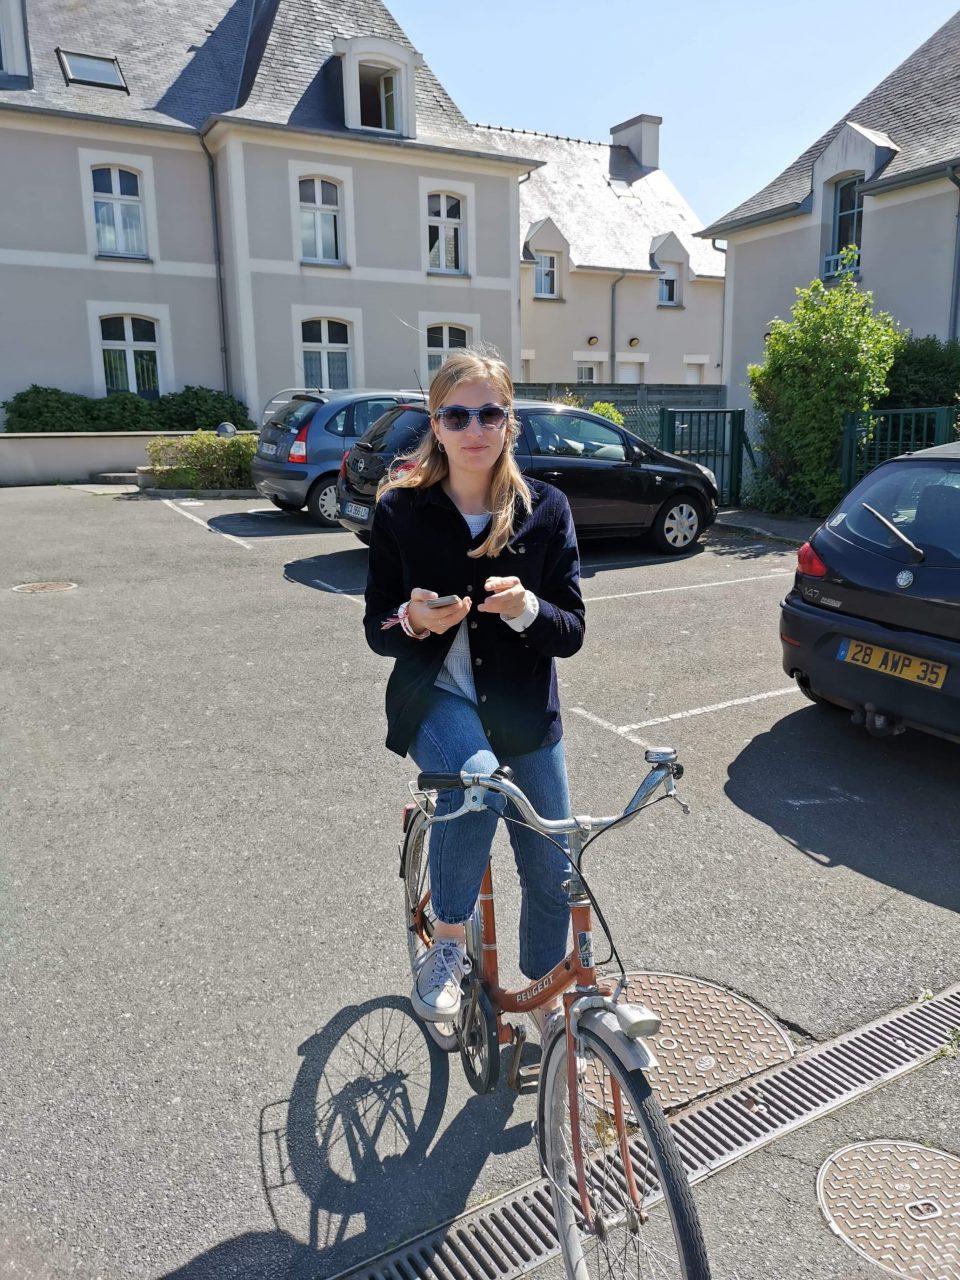 Vélo-Taff : quand aller au travail devient un plaisir